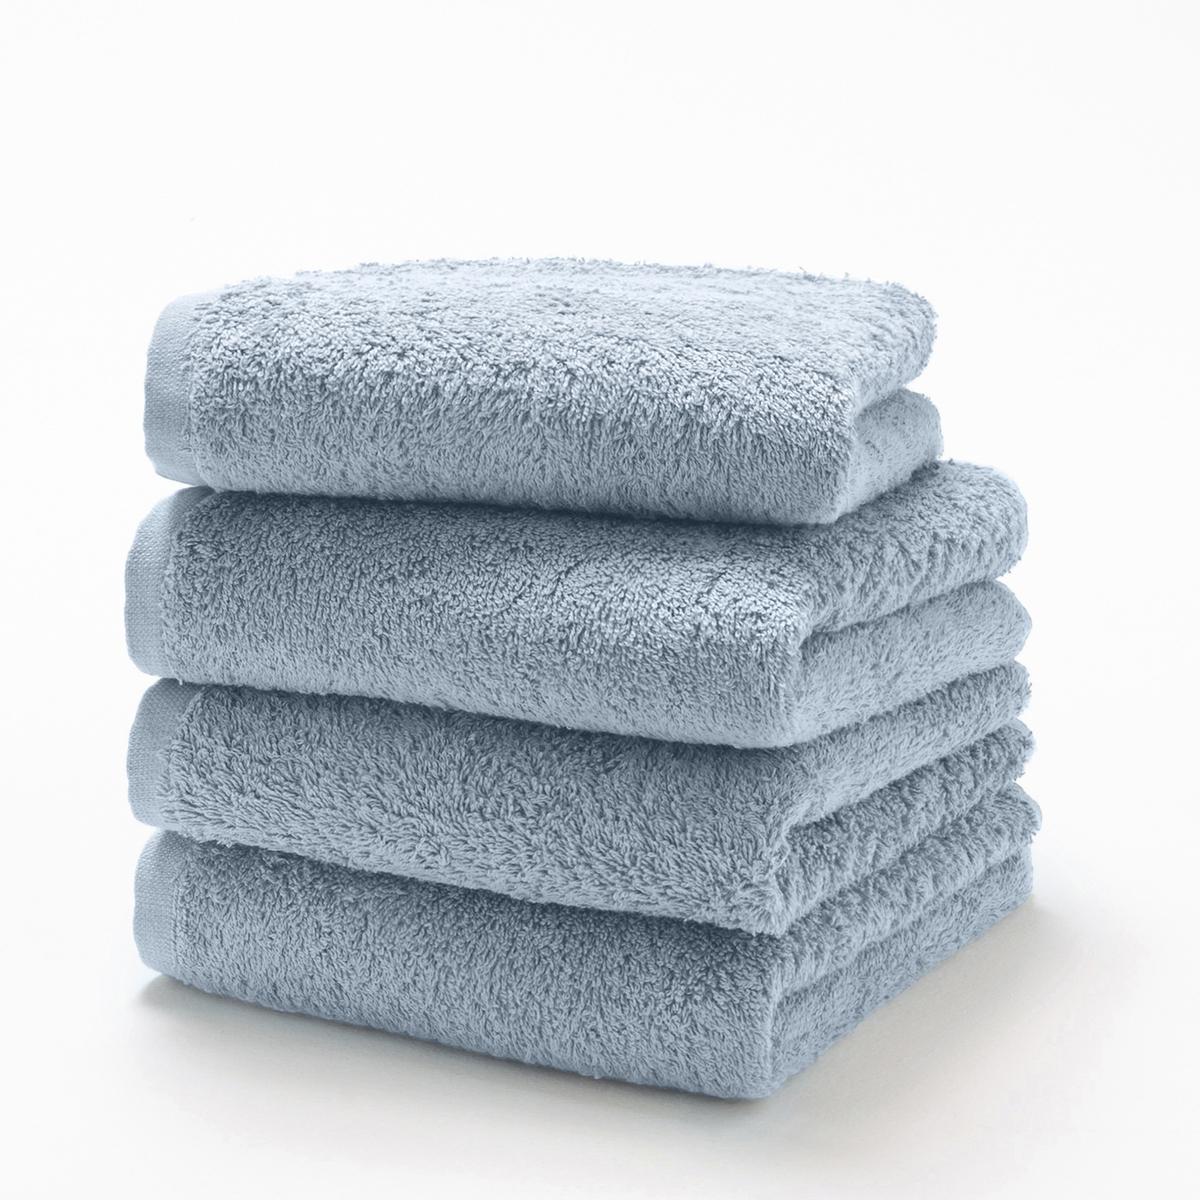 Комплект из 4 гостевых полотенец 500 г/м?Комплект из 4 гостевых полотенец из махровой ткани, 100% хлопок (500 г/м?), невероятно нежной, мягкой и отлично впитывающей влагу.Полотенца разных цветов для ванной...Характеристики 4 однотонных гостевых полотенец :- Махровая ткань, 100% хлопок (500 г/м?).- Отделка краев диагонали.- Машинная стирка при 60 °С.- Машинная сушка.- Замечательная износоустойчивость, сохраняет мягкость и яркость окраски после многочисленных стирок.- Размеры полотенца : 40 x 40 см.- В комплекте 4 полотенца. Знак Oeko-Tex® гарантирует, что товары протестированы и сертифицированы, не содержат вредных веществ, которые могли бы нанести вред здоровью.<br><br>Цвет: белый,голубой бирюзовый,желтый шафран,зеленый  атолл,красный карминный,светло-розовый,серо-бежевый,серо-синий,серый,сине-зеленый,синий морской волны,темно-серый,фиолетовый,черный<br>Размер: 40 x 40  см.40 x 40  см.40 x 40  см.40 x 40  см.40 x 40  см.40 x 40  см.40 x 40  см